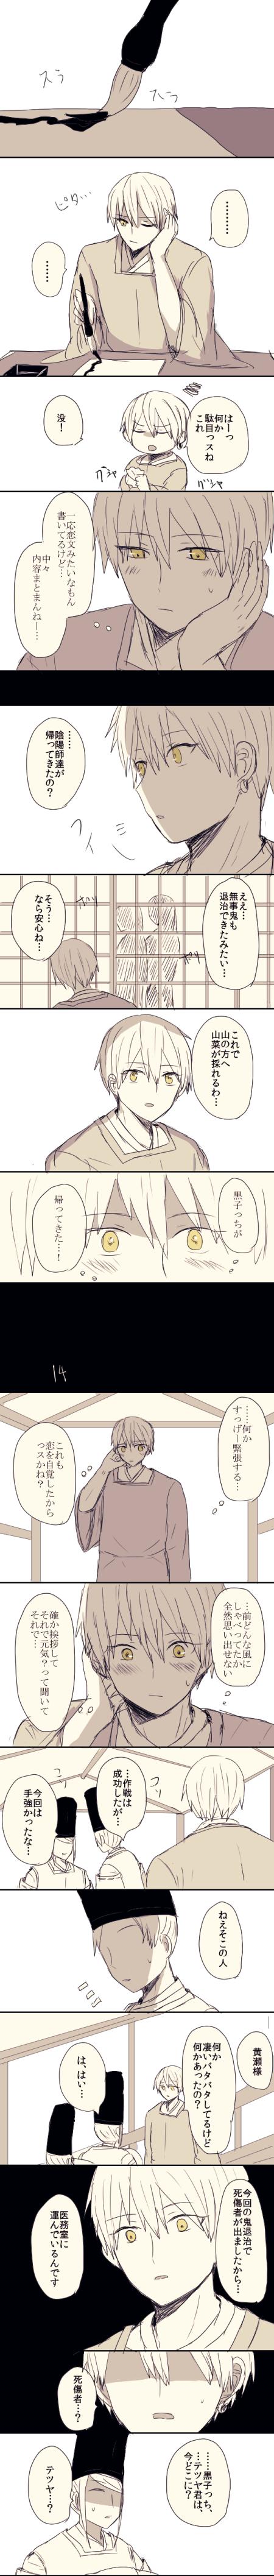 陰陽師1411